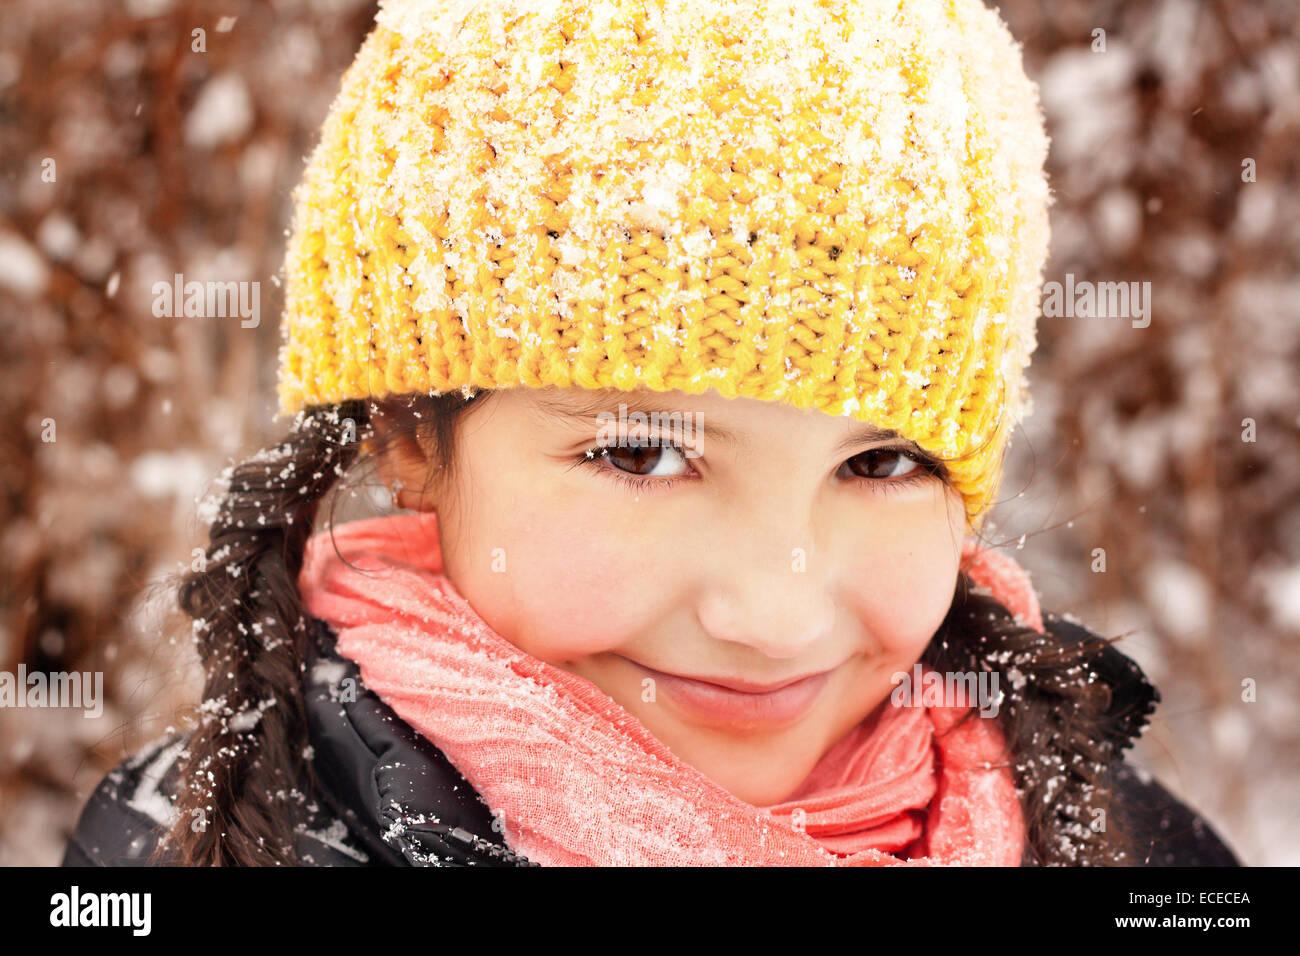 Jolie petite fille (6-7) à tresses et hat, souriant au cours de l'automne la neige Photo Stock